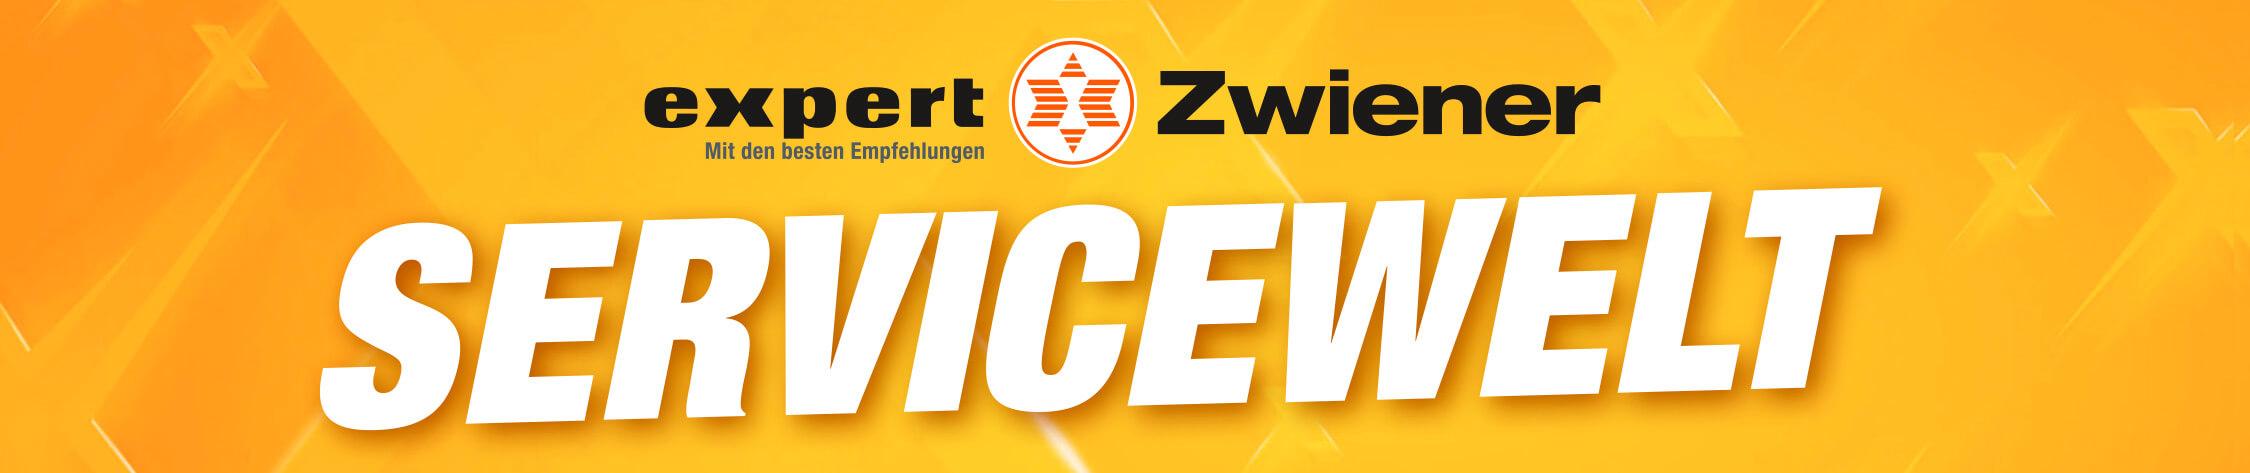 Expert Zwiener